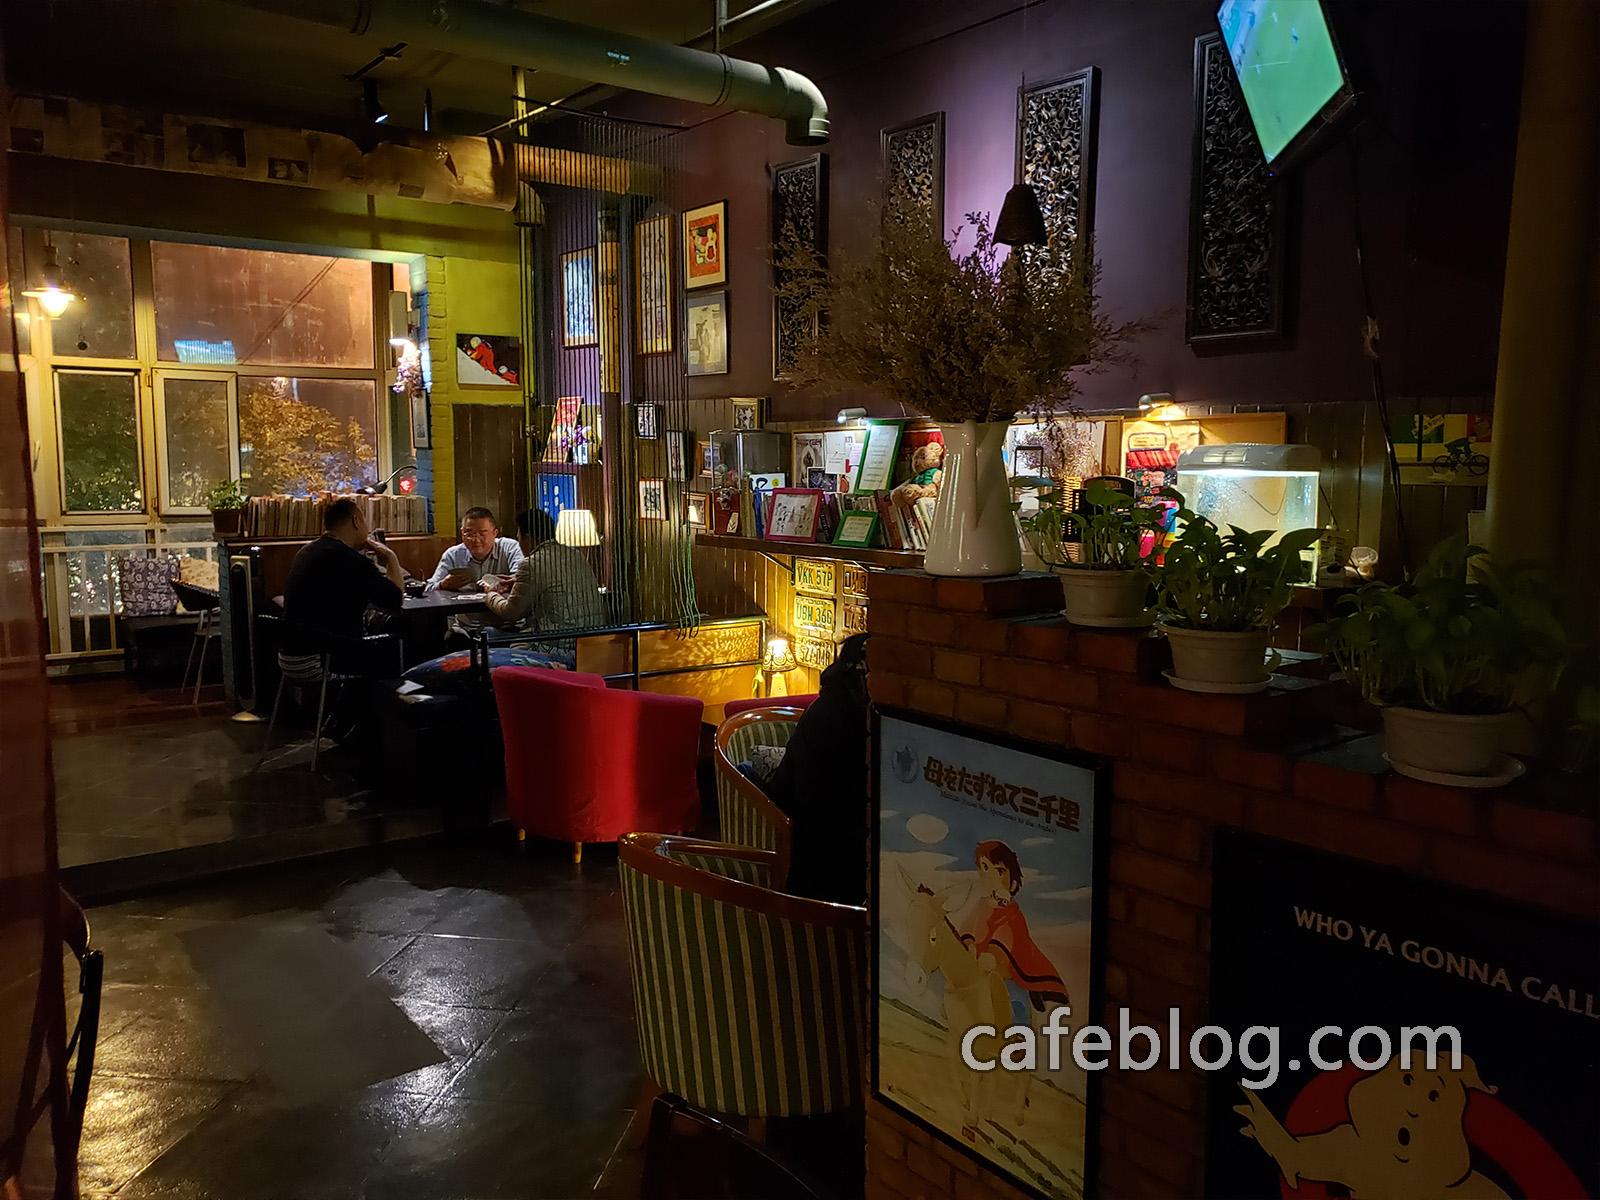 玛雅咖啡馆 Maya Cafe 店里的二楼情景。